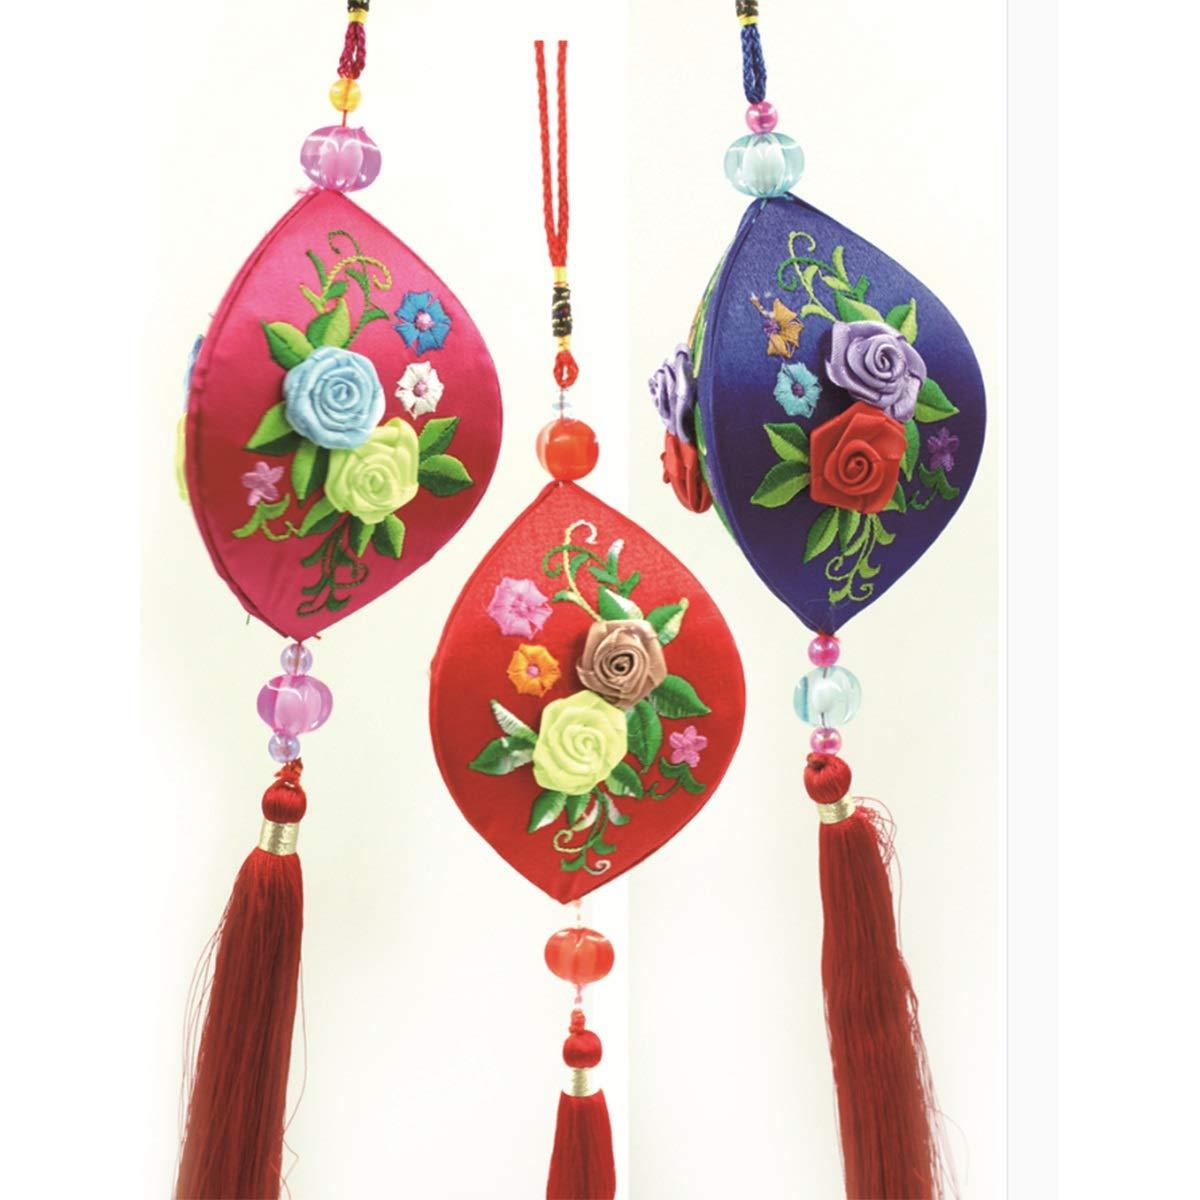 Yuxiong Sachets Handmade Living Room, Bedroom Pendants (Color : Blue) by Yuxiong (Image #2)